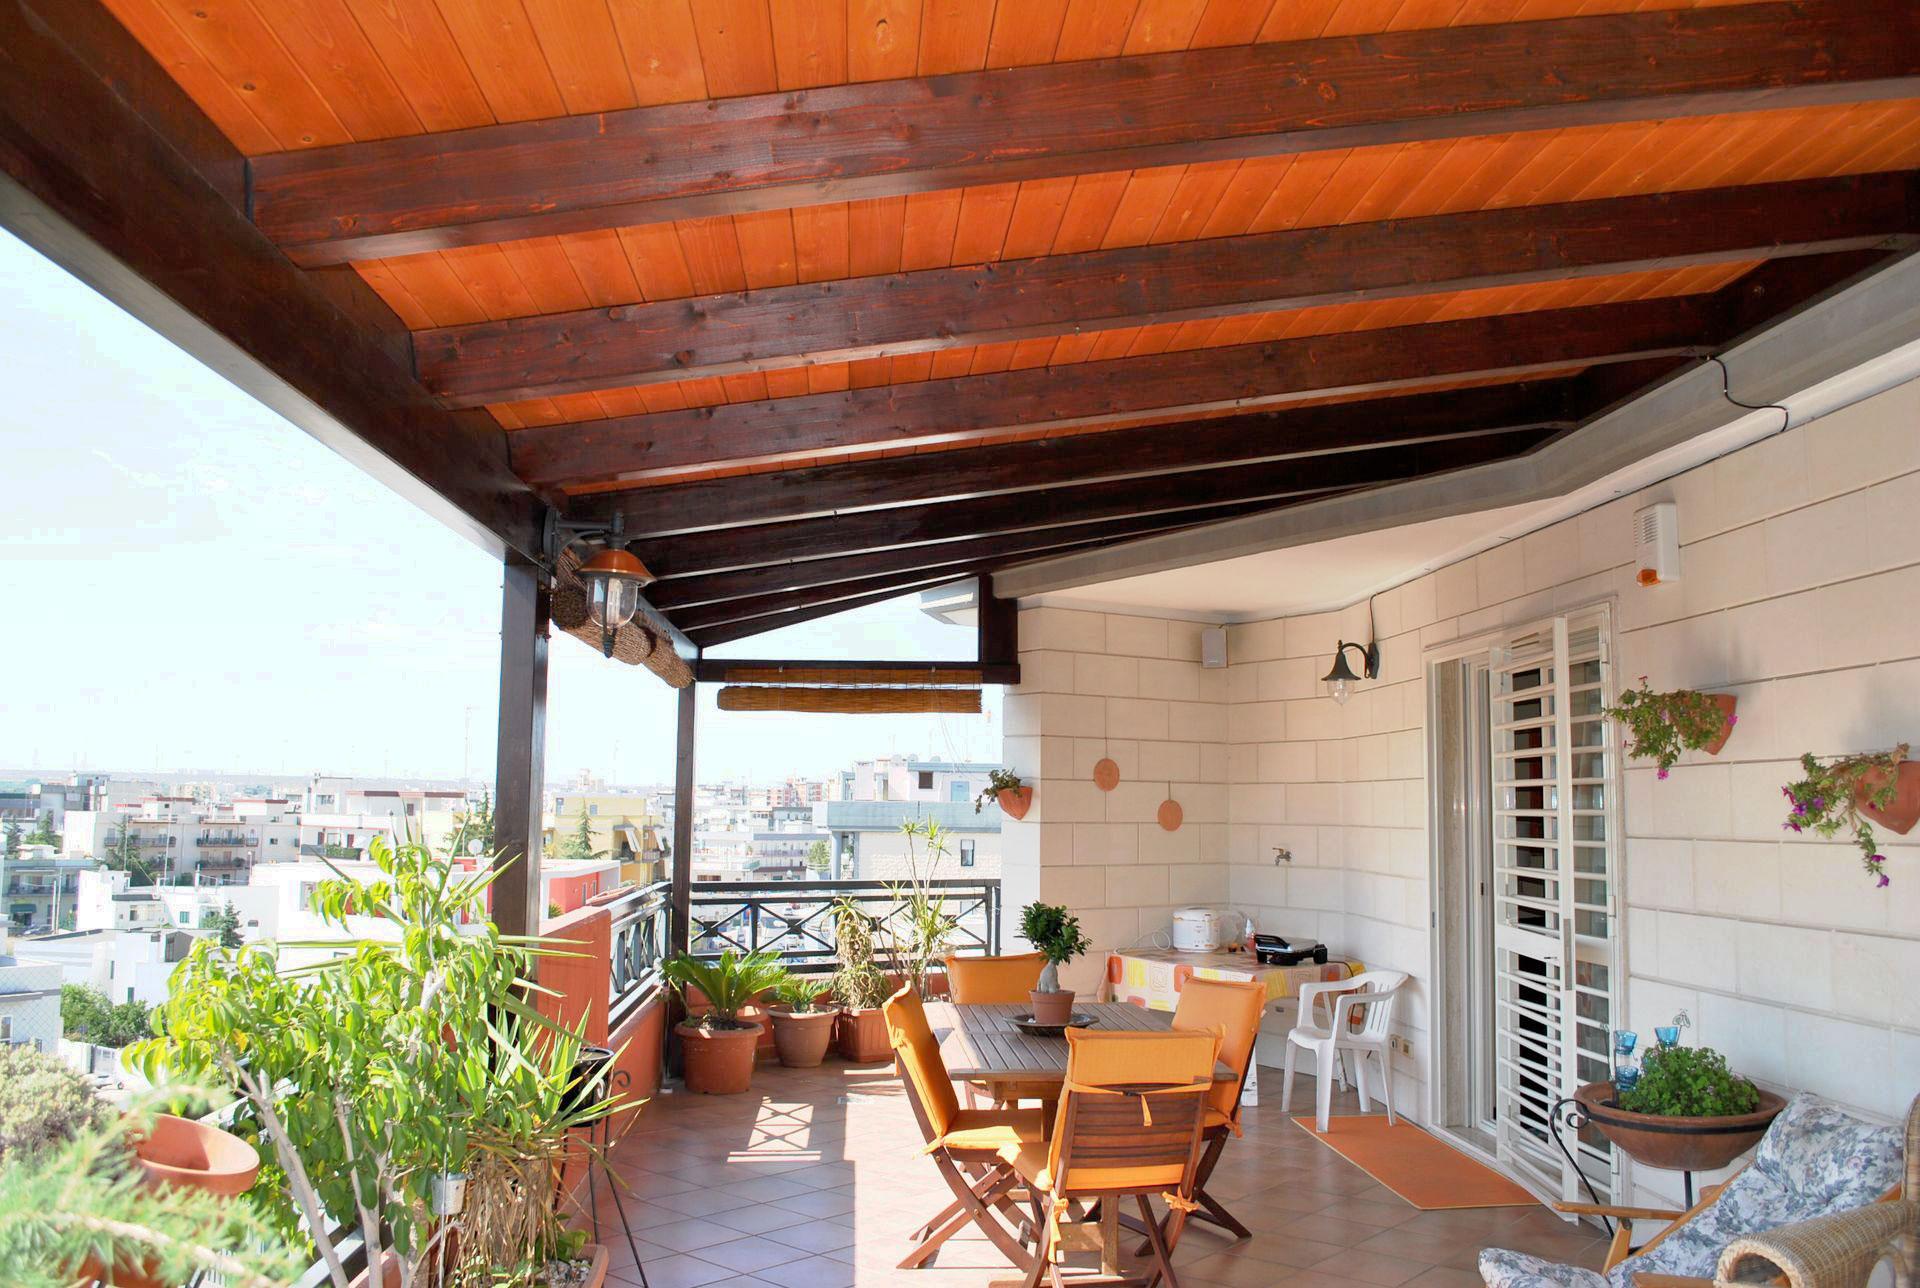 Copertura a due falde con lucernari for Mobili da terrazzo in legno